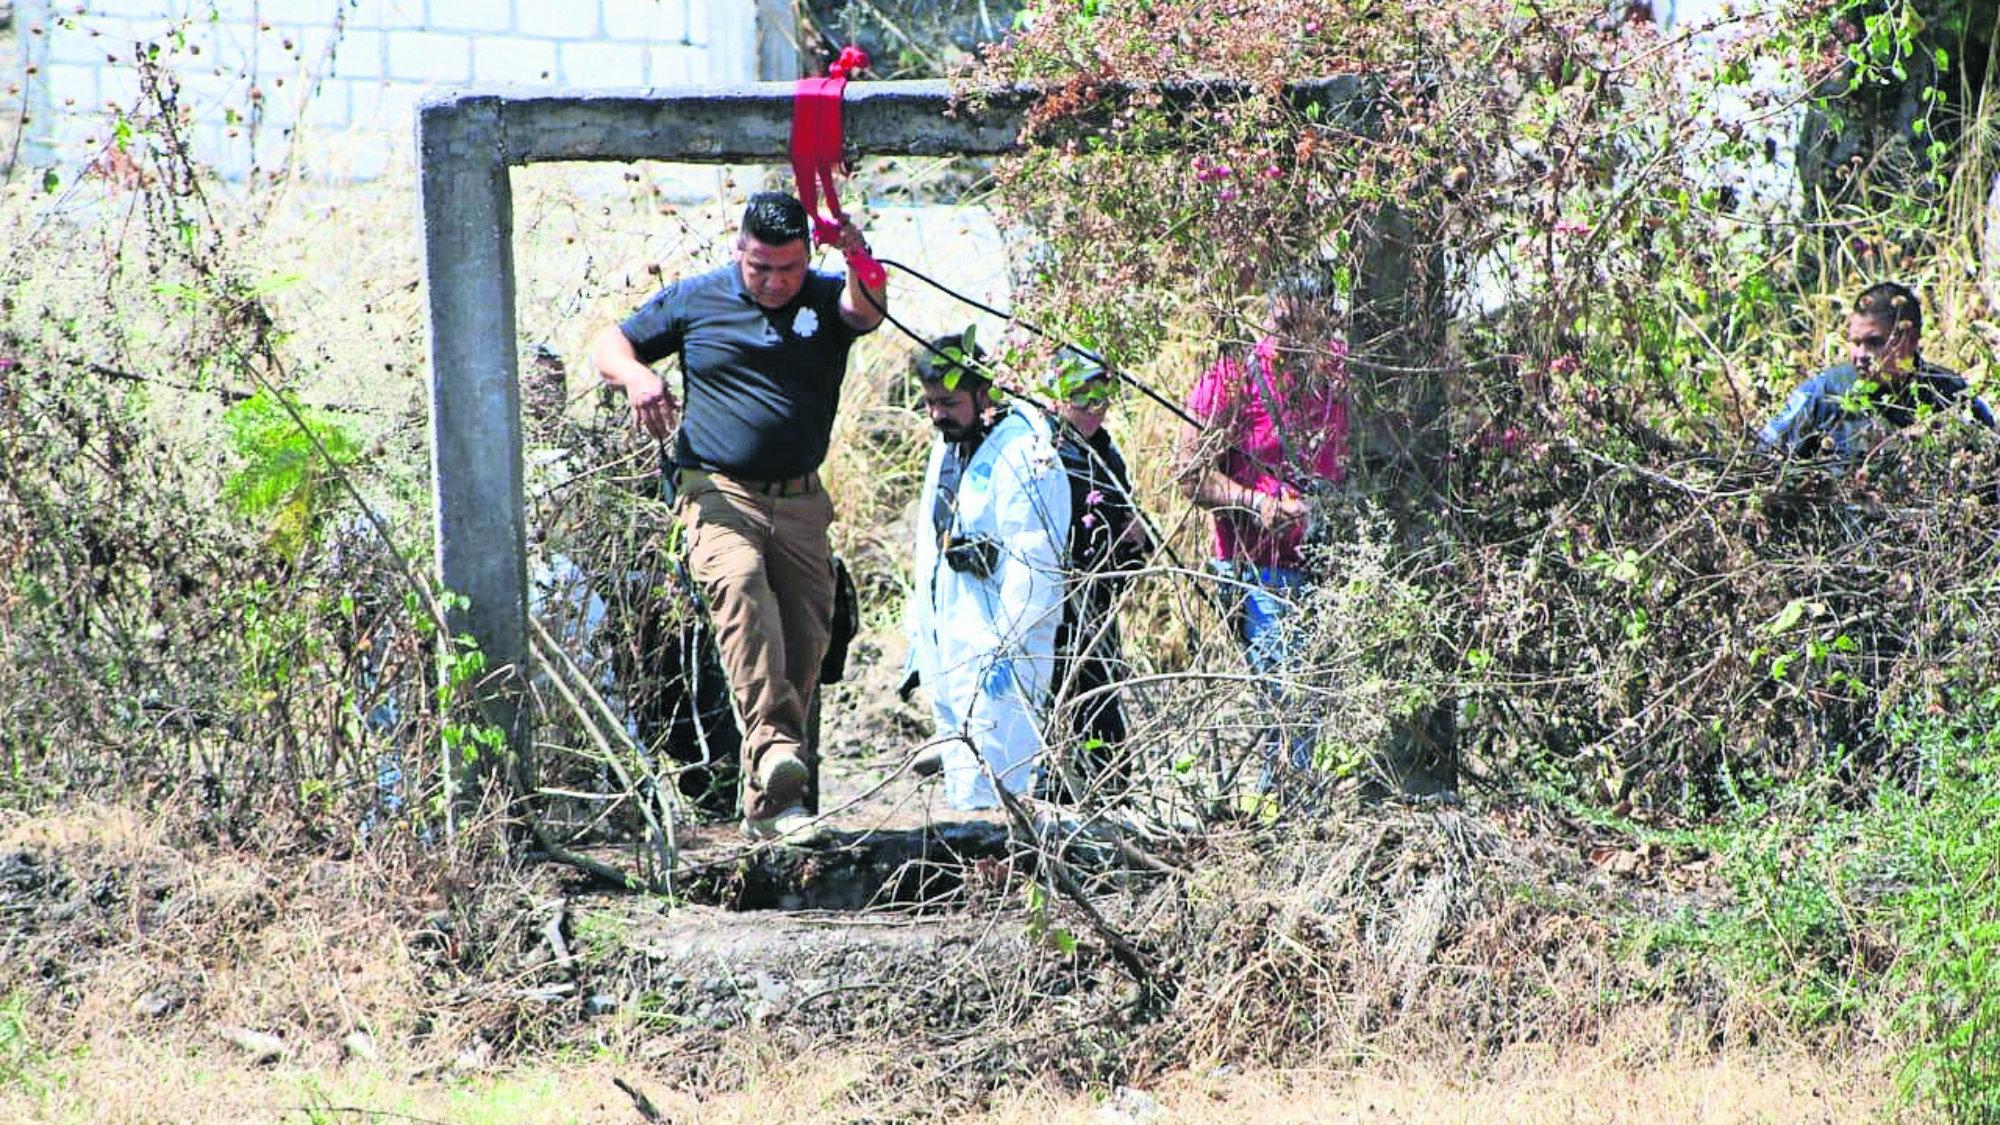 Hayan el cuerpo de un hombre estado de descomposición Morelos autopista La Pera-Cuautla